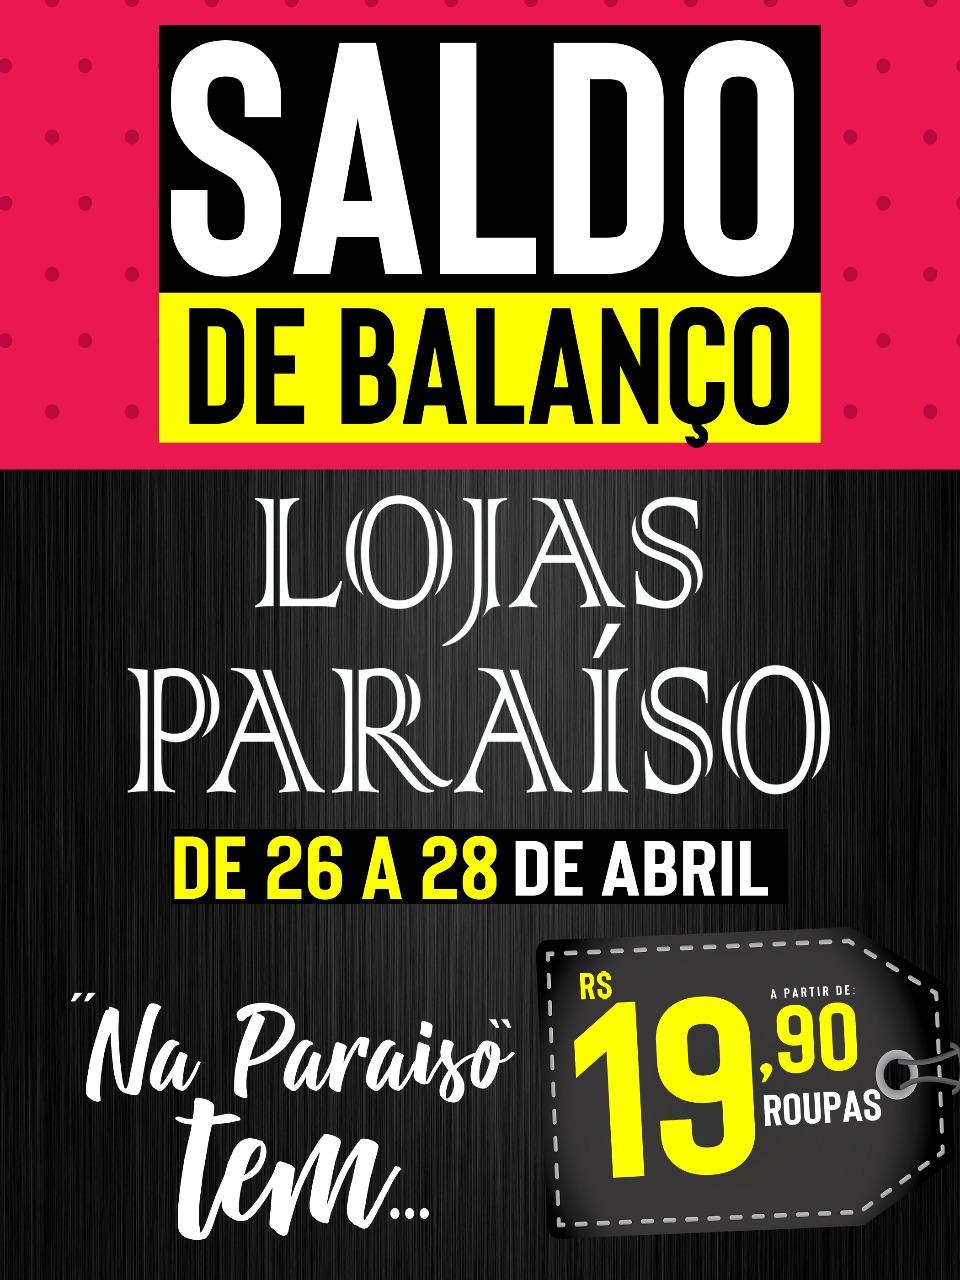 9209f0480 APROVEITE - Continua a promoção Saldo de Balanço das Lojas Paraíso ...